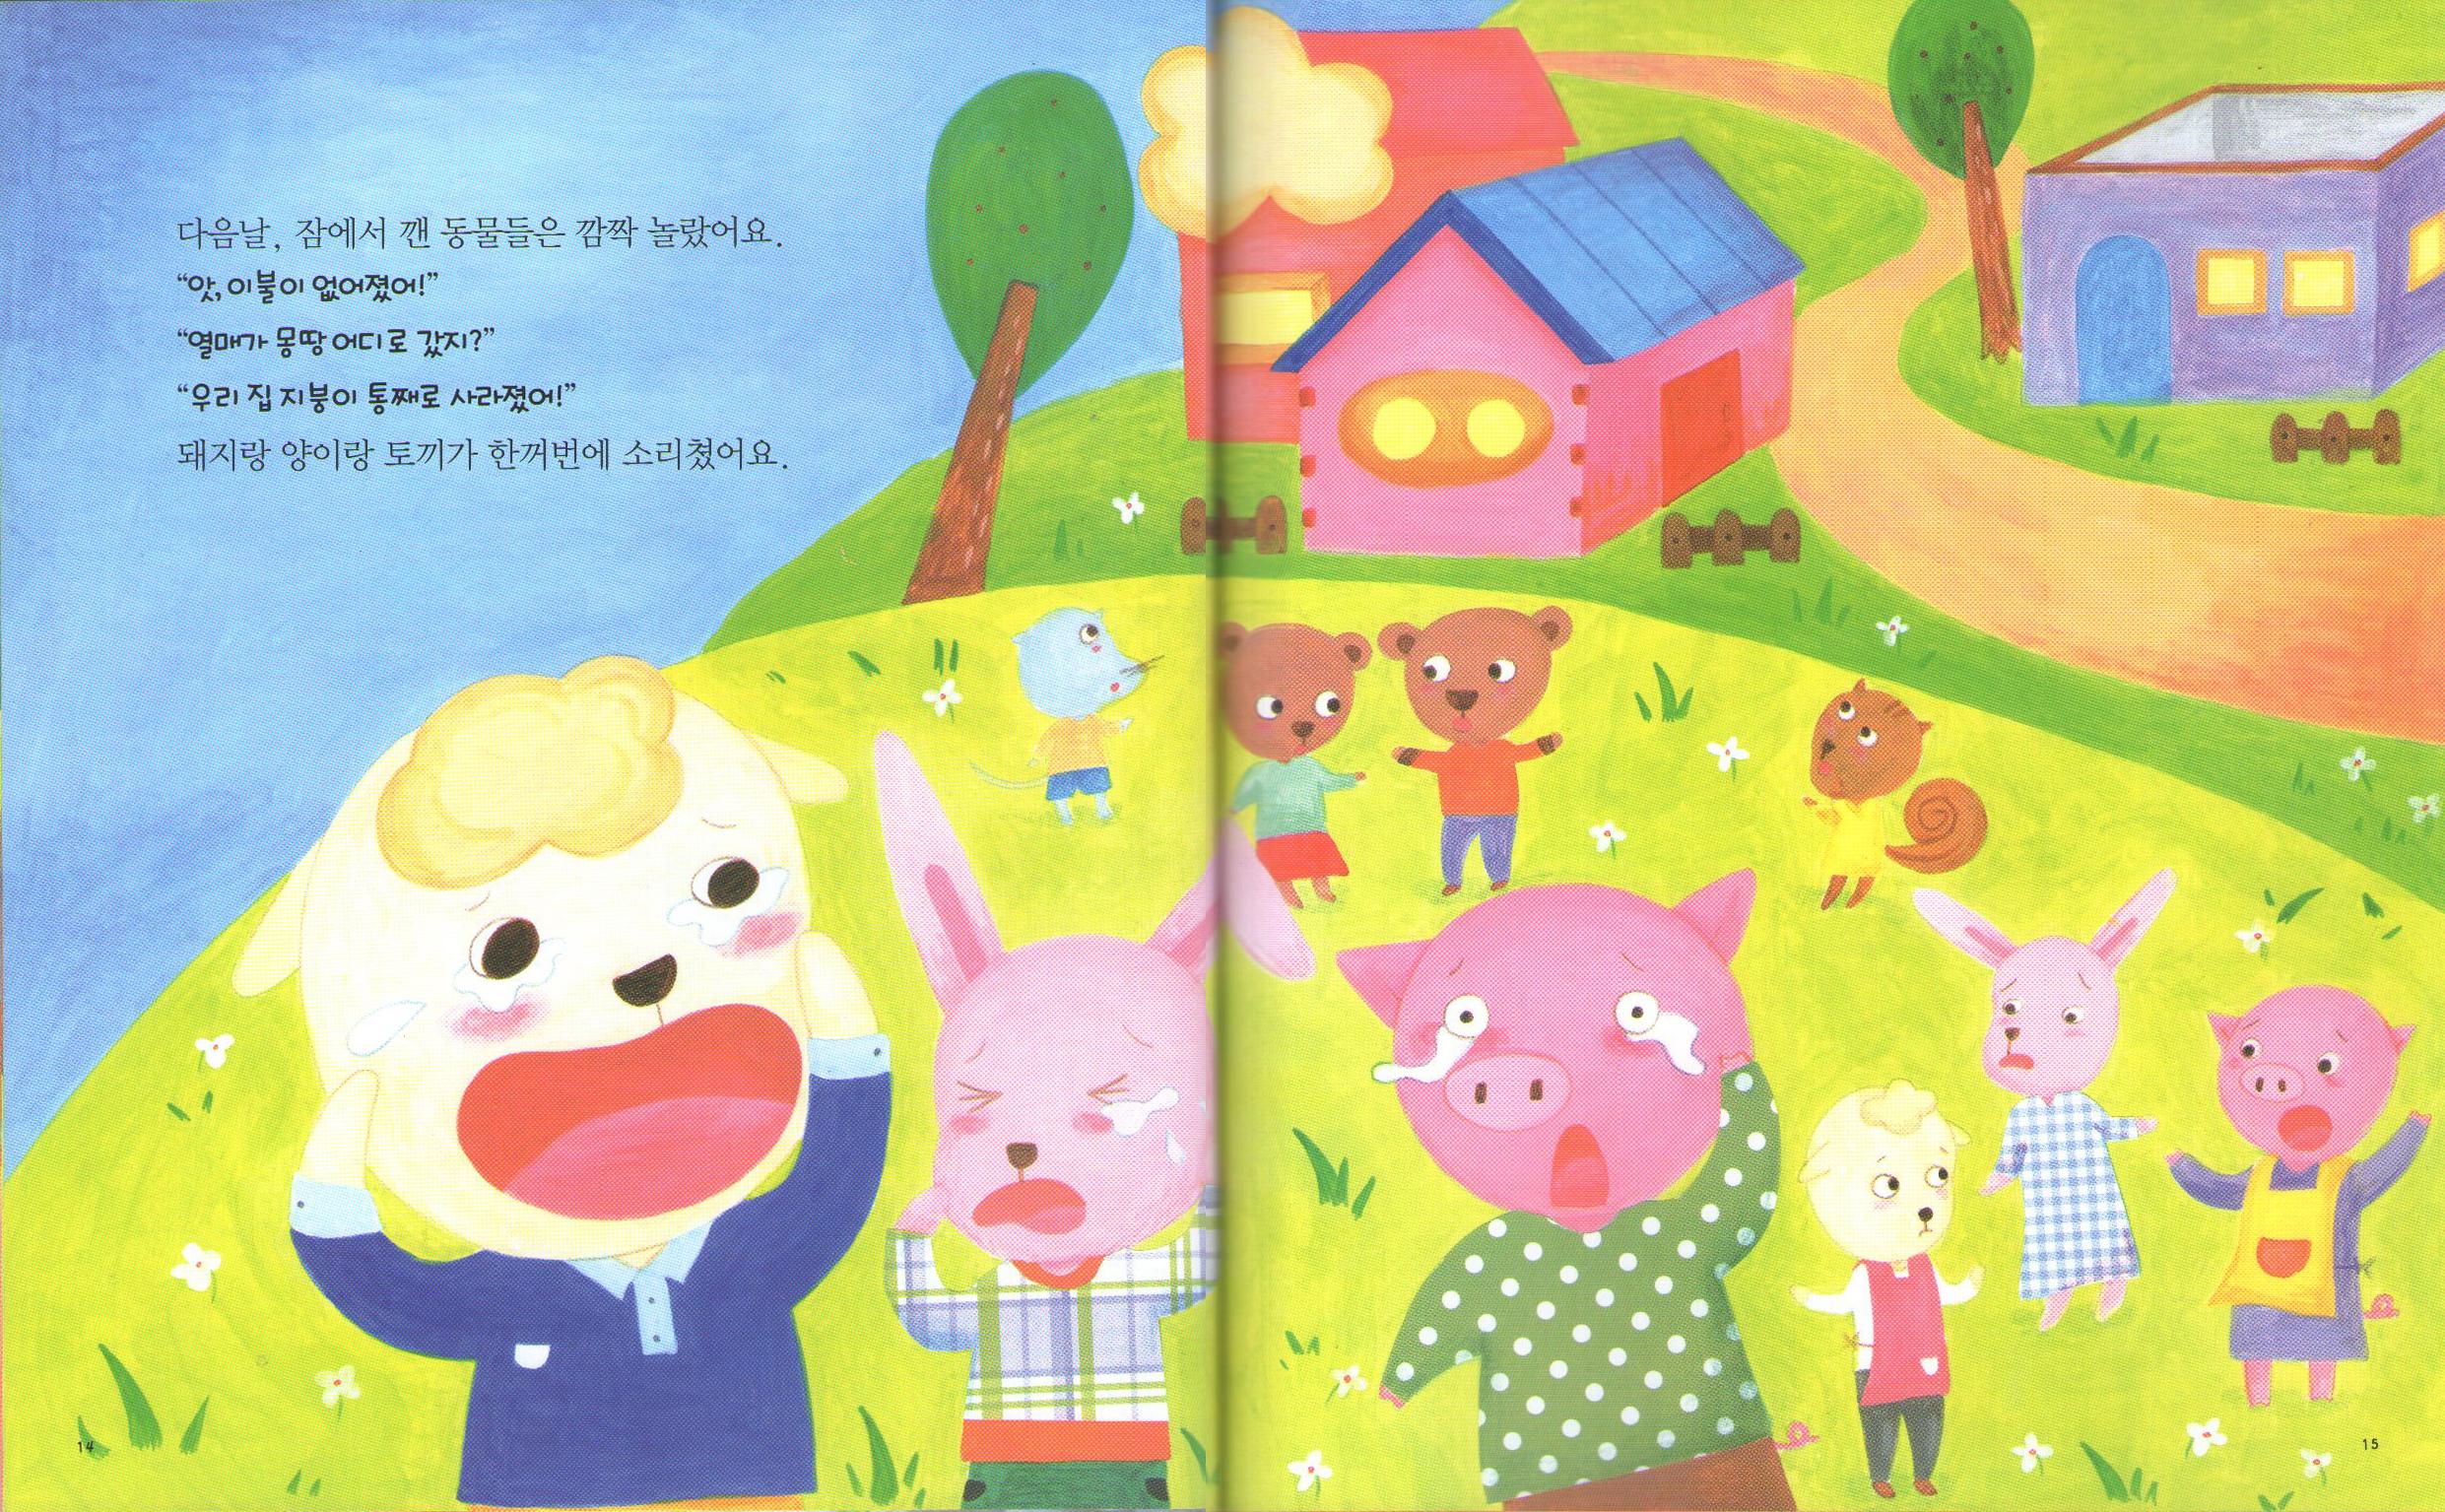 꼬마용의새싹_펼침면04